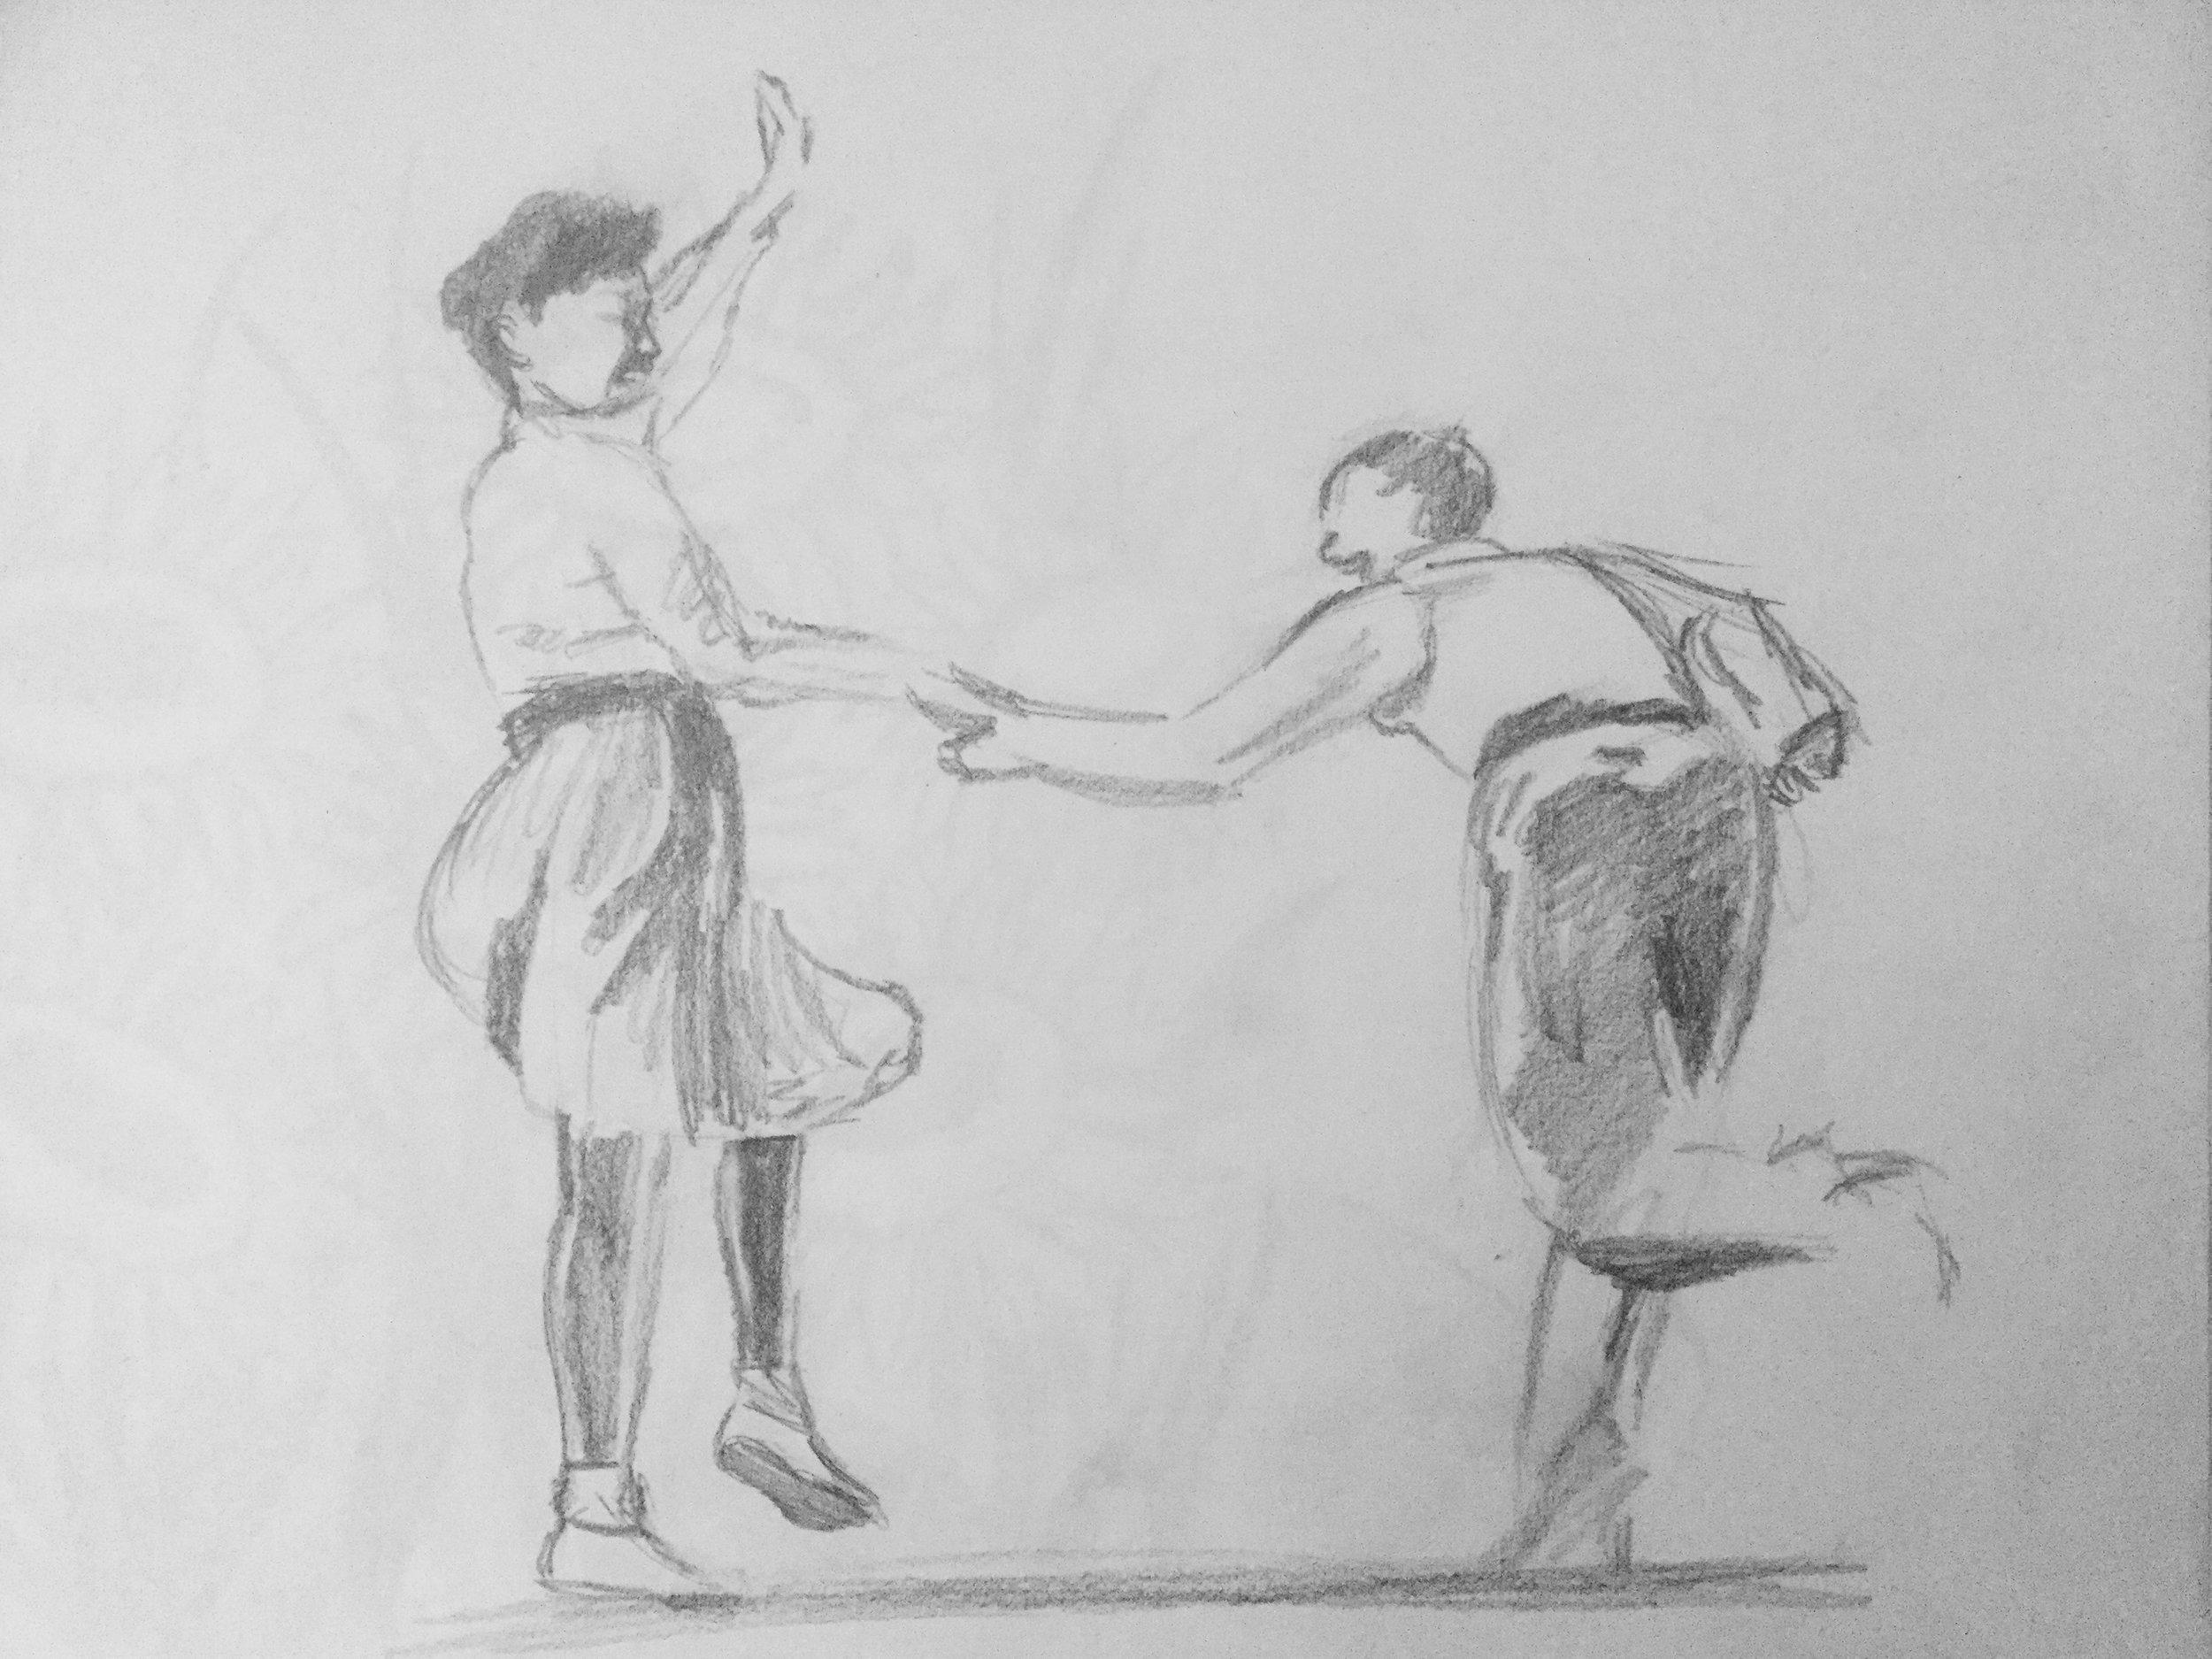 lindy hoppers sketch.jpg